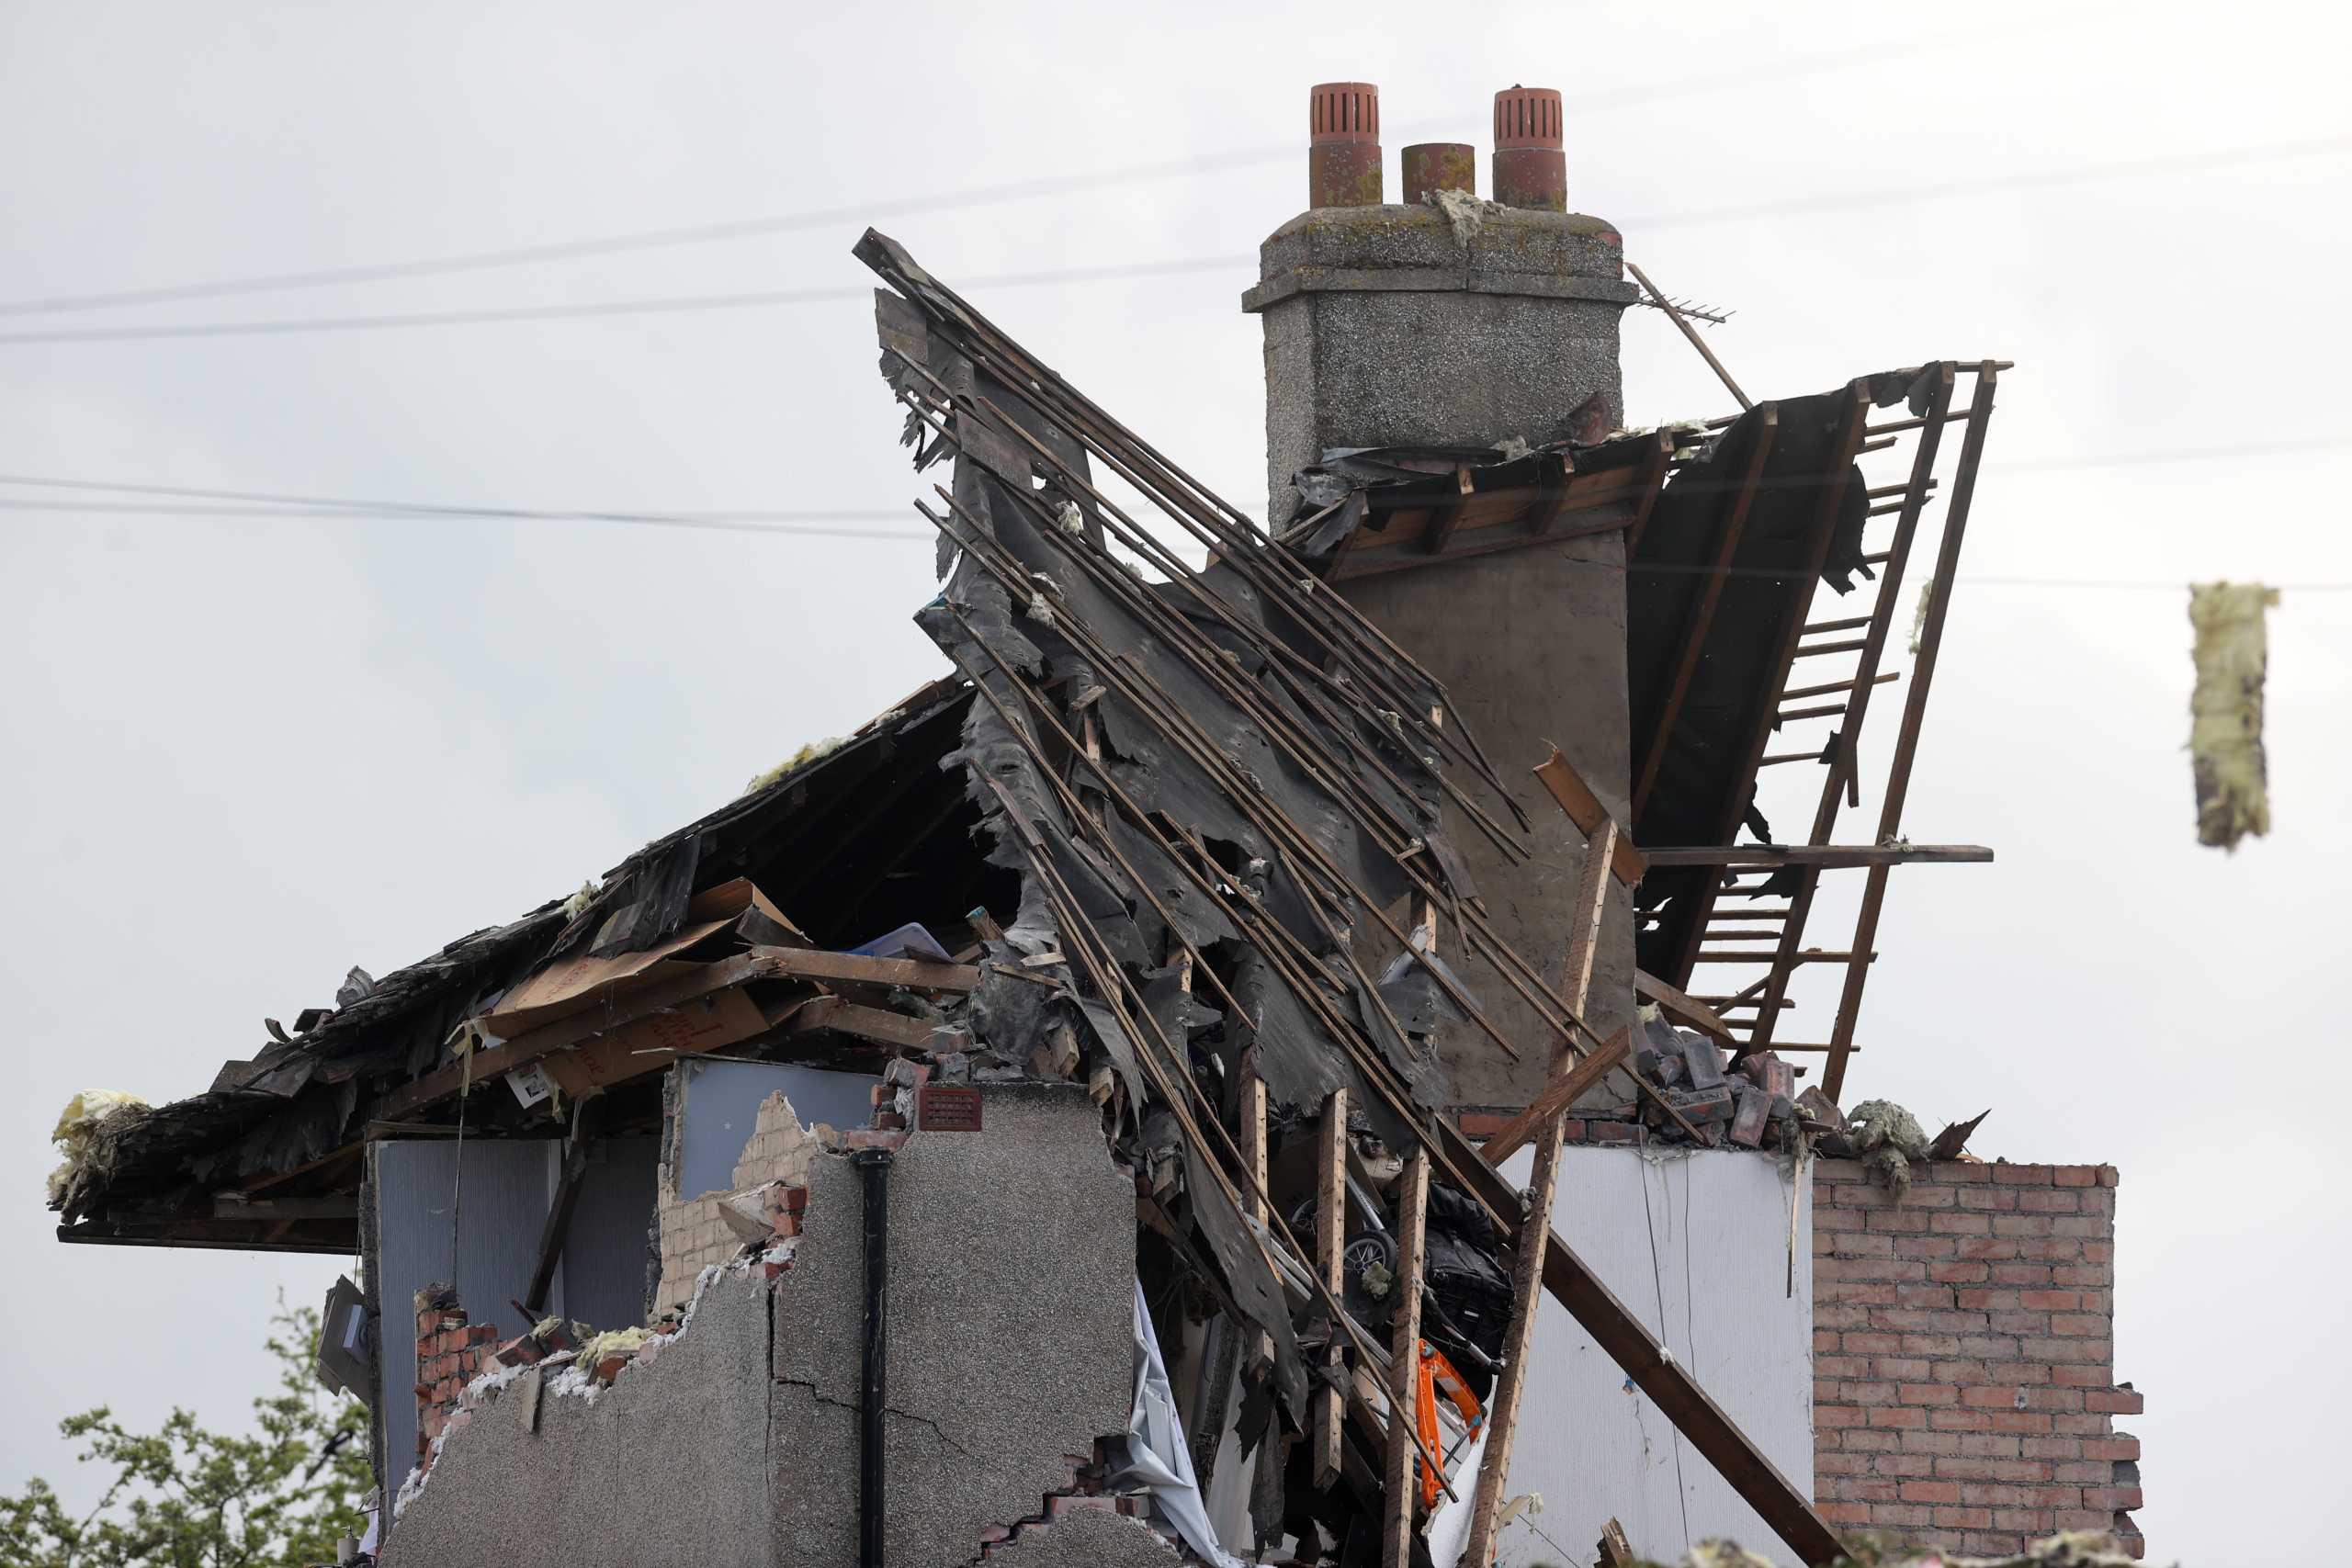 Αγγλία: Έκρηξη από διαρροή αερίου σε σπίτι – Νεκρό ένα παιδί (pics)